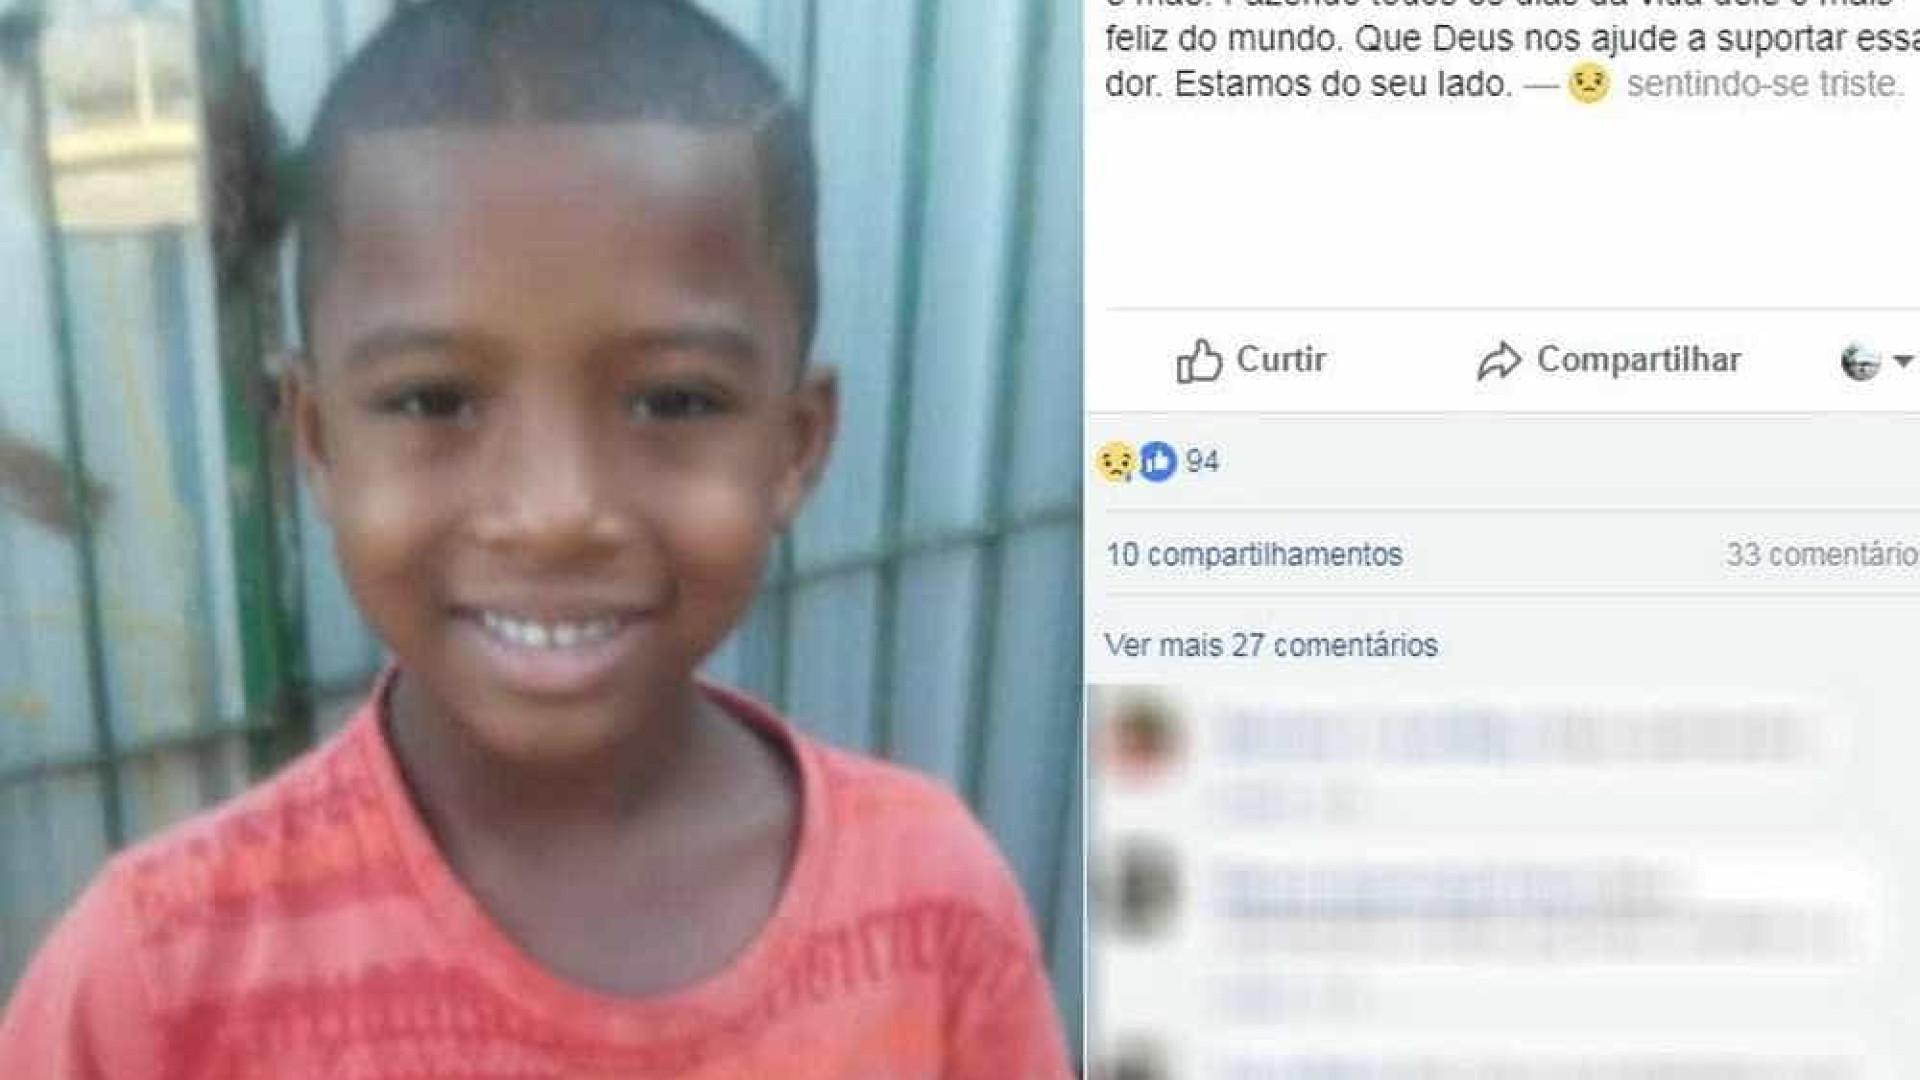 Menino morre após picada de escorpião e falta de soro em hospital